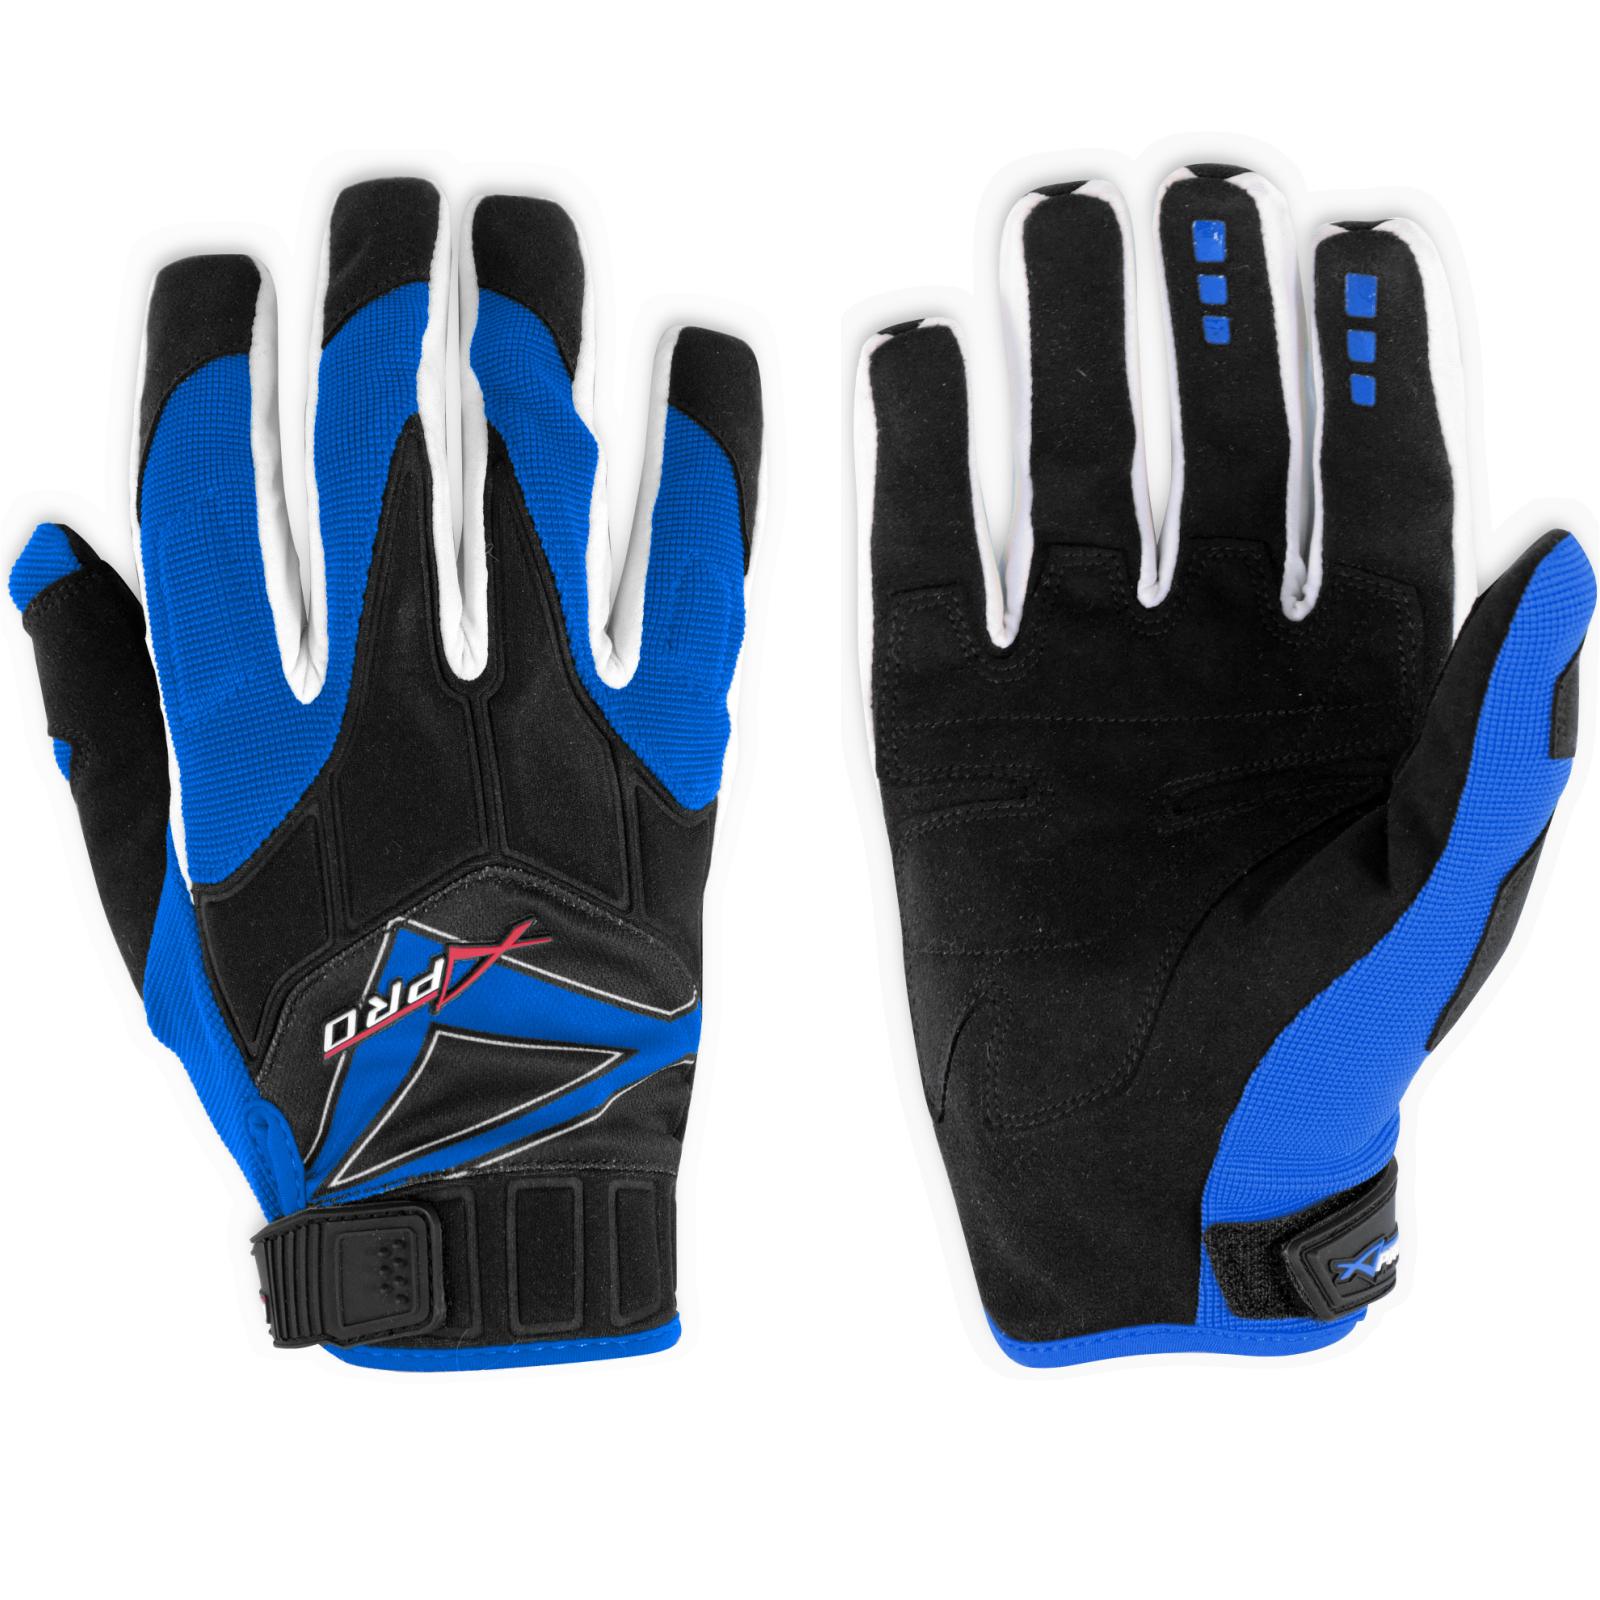 Guanto-Motocross-Enduro-Quad-ATV-Tessuto-Traspirante-Estivo-Protettivo